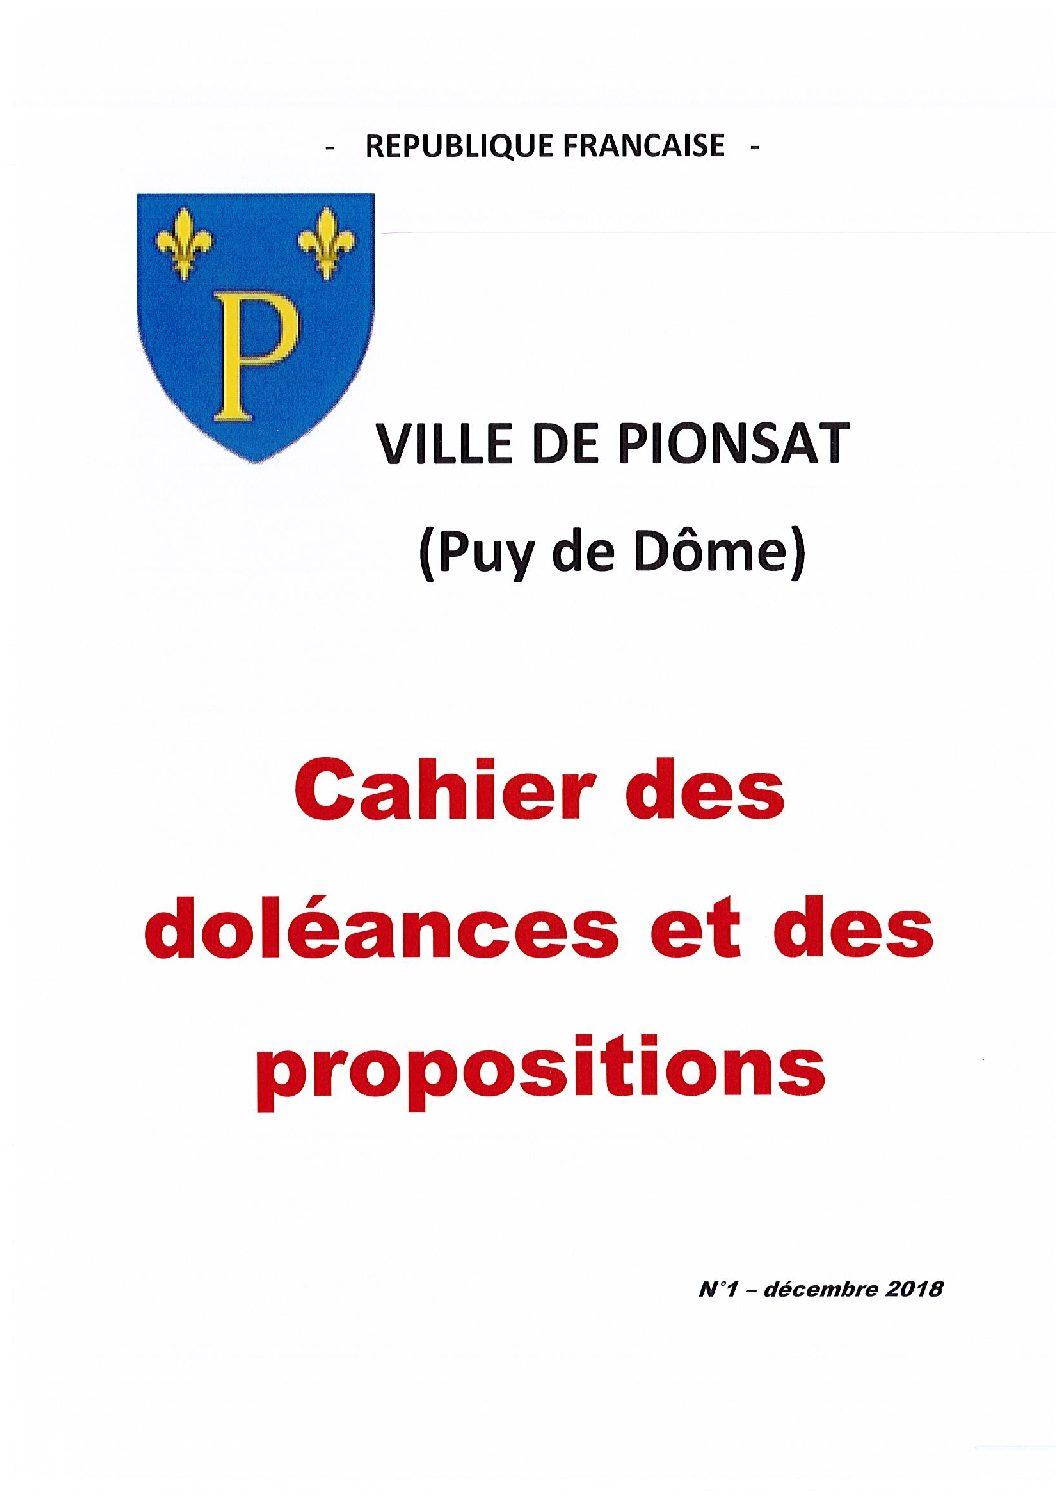 CAHIER DE DOELANCES ET DE PROPOSITIONS